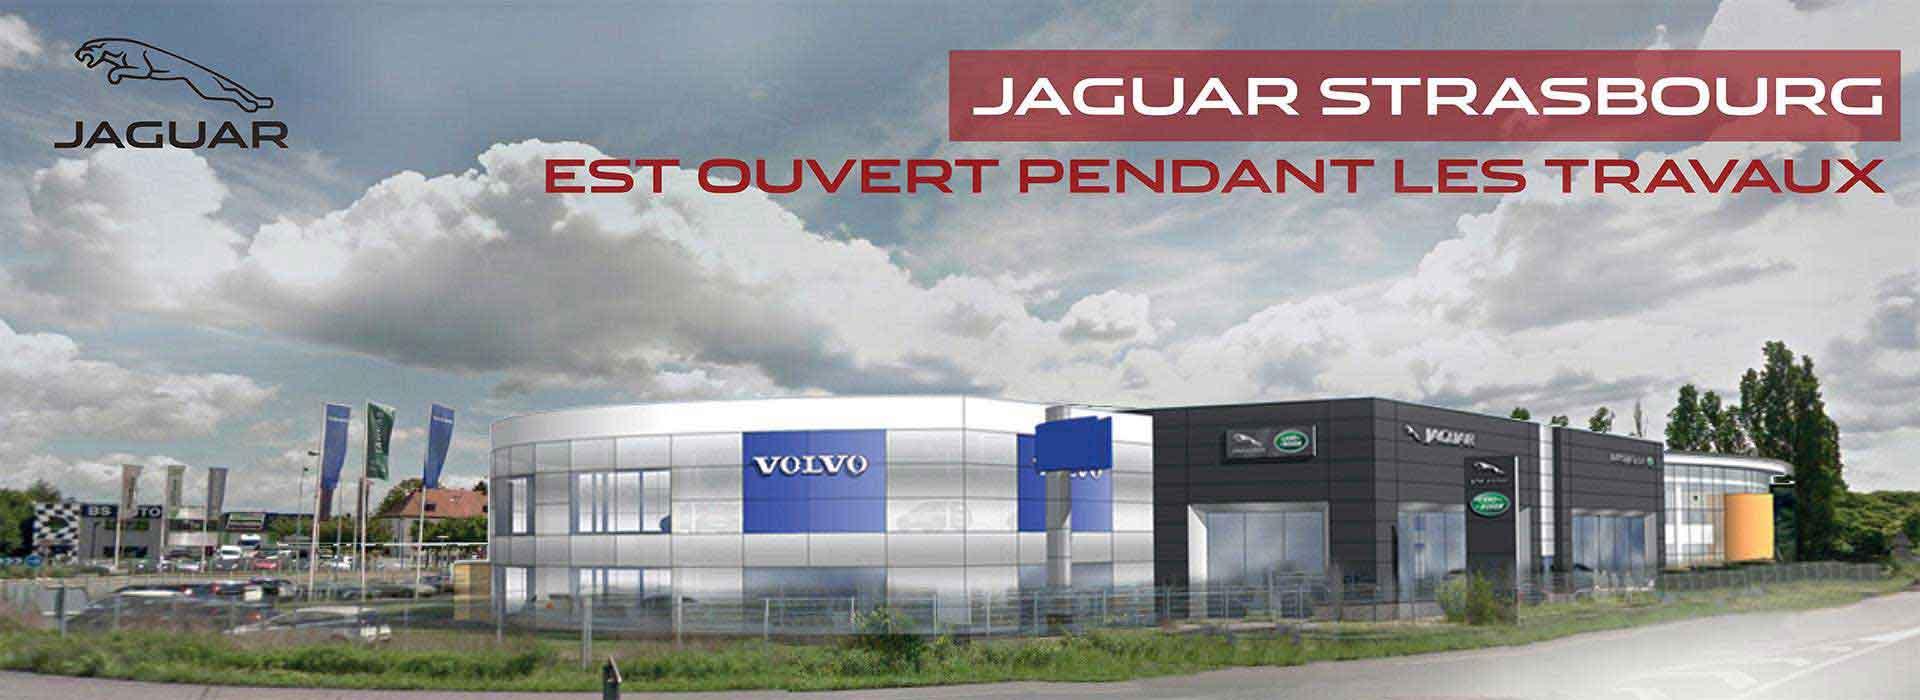 promo jaguar